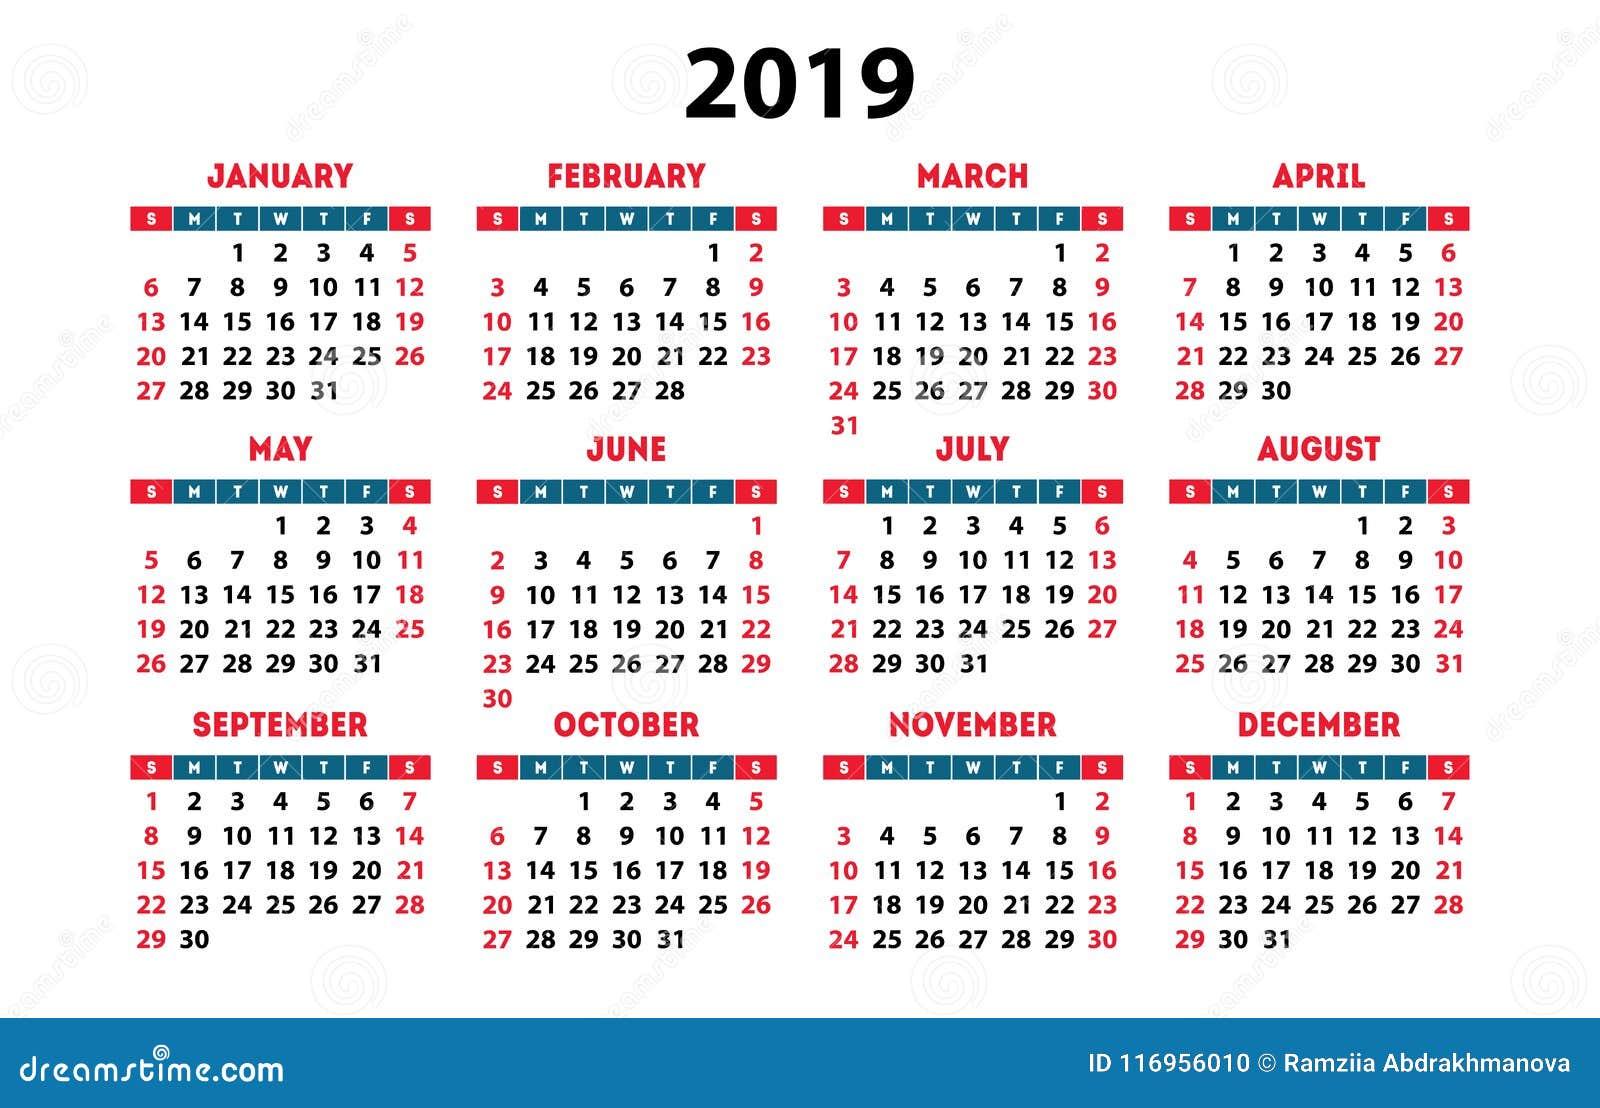 Calendario 2019 Para Imprimir Gratis.Imprimir Calendarios 2019 Suzen Rabionetassociats Com